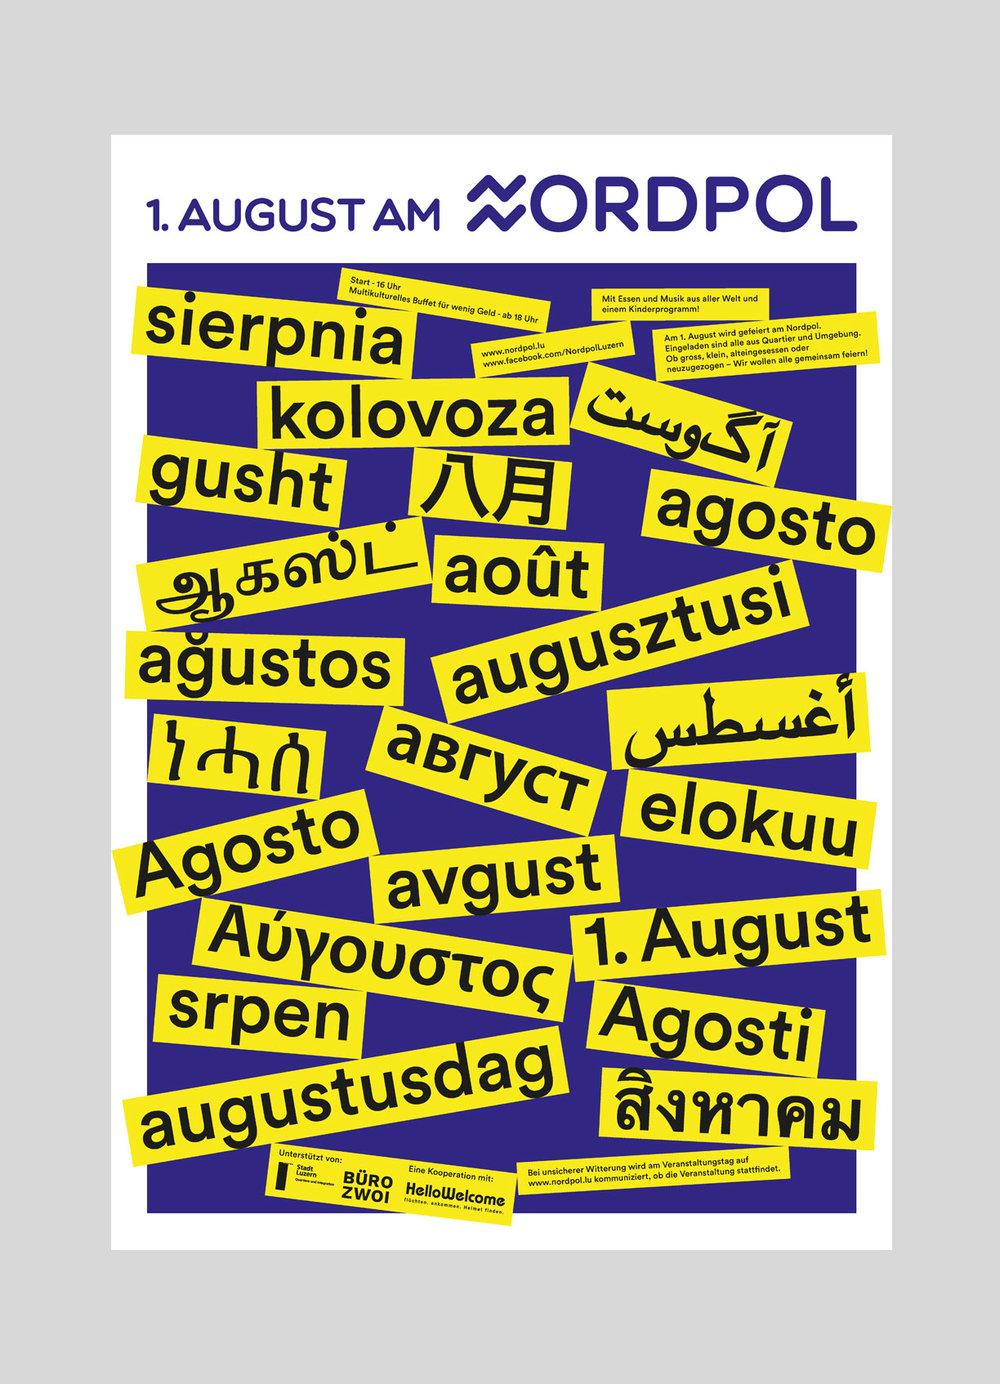 Nordpol – 1. August | 2018  Die sommerbar Nordpol in Luzern lud am ersten August zum offenes Quartierfest für jung und alt.